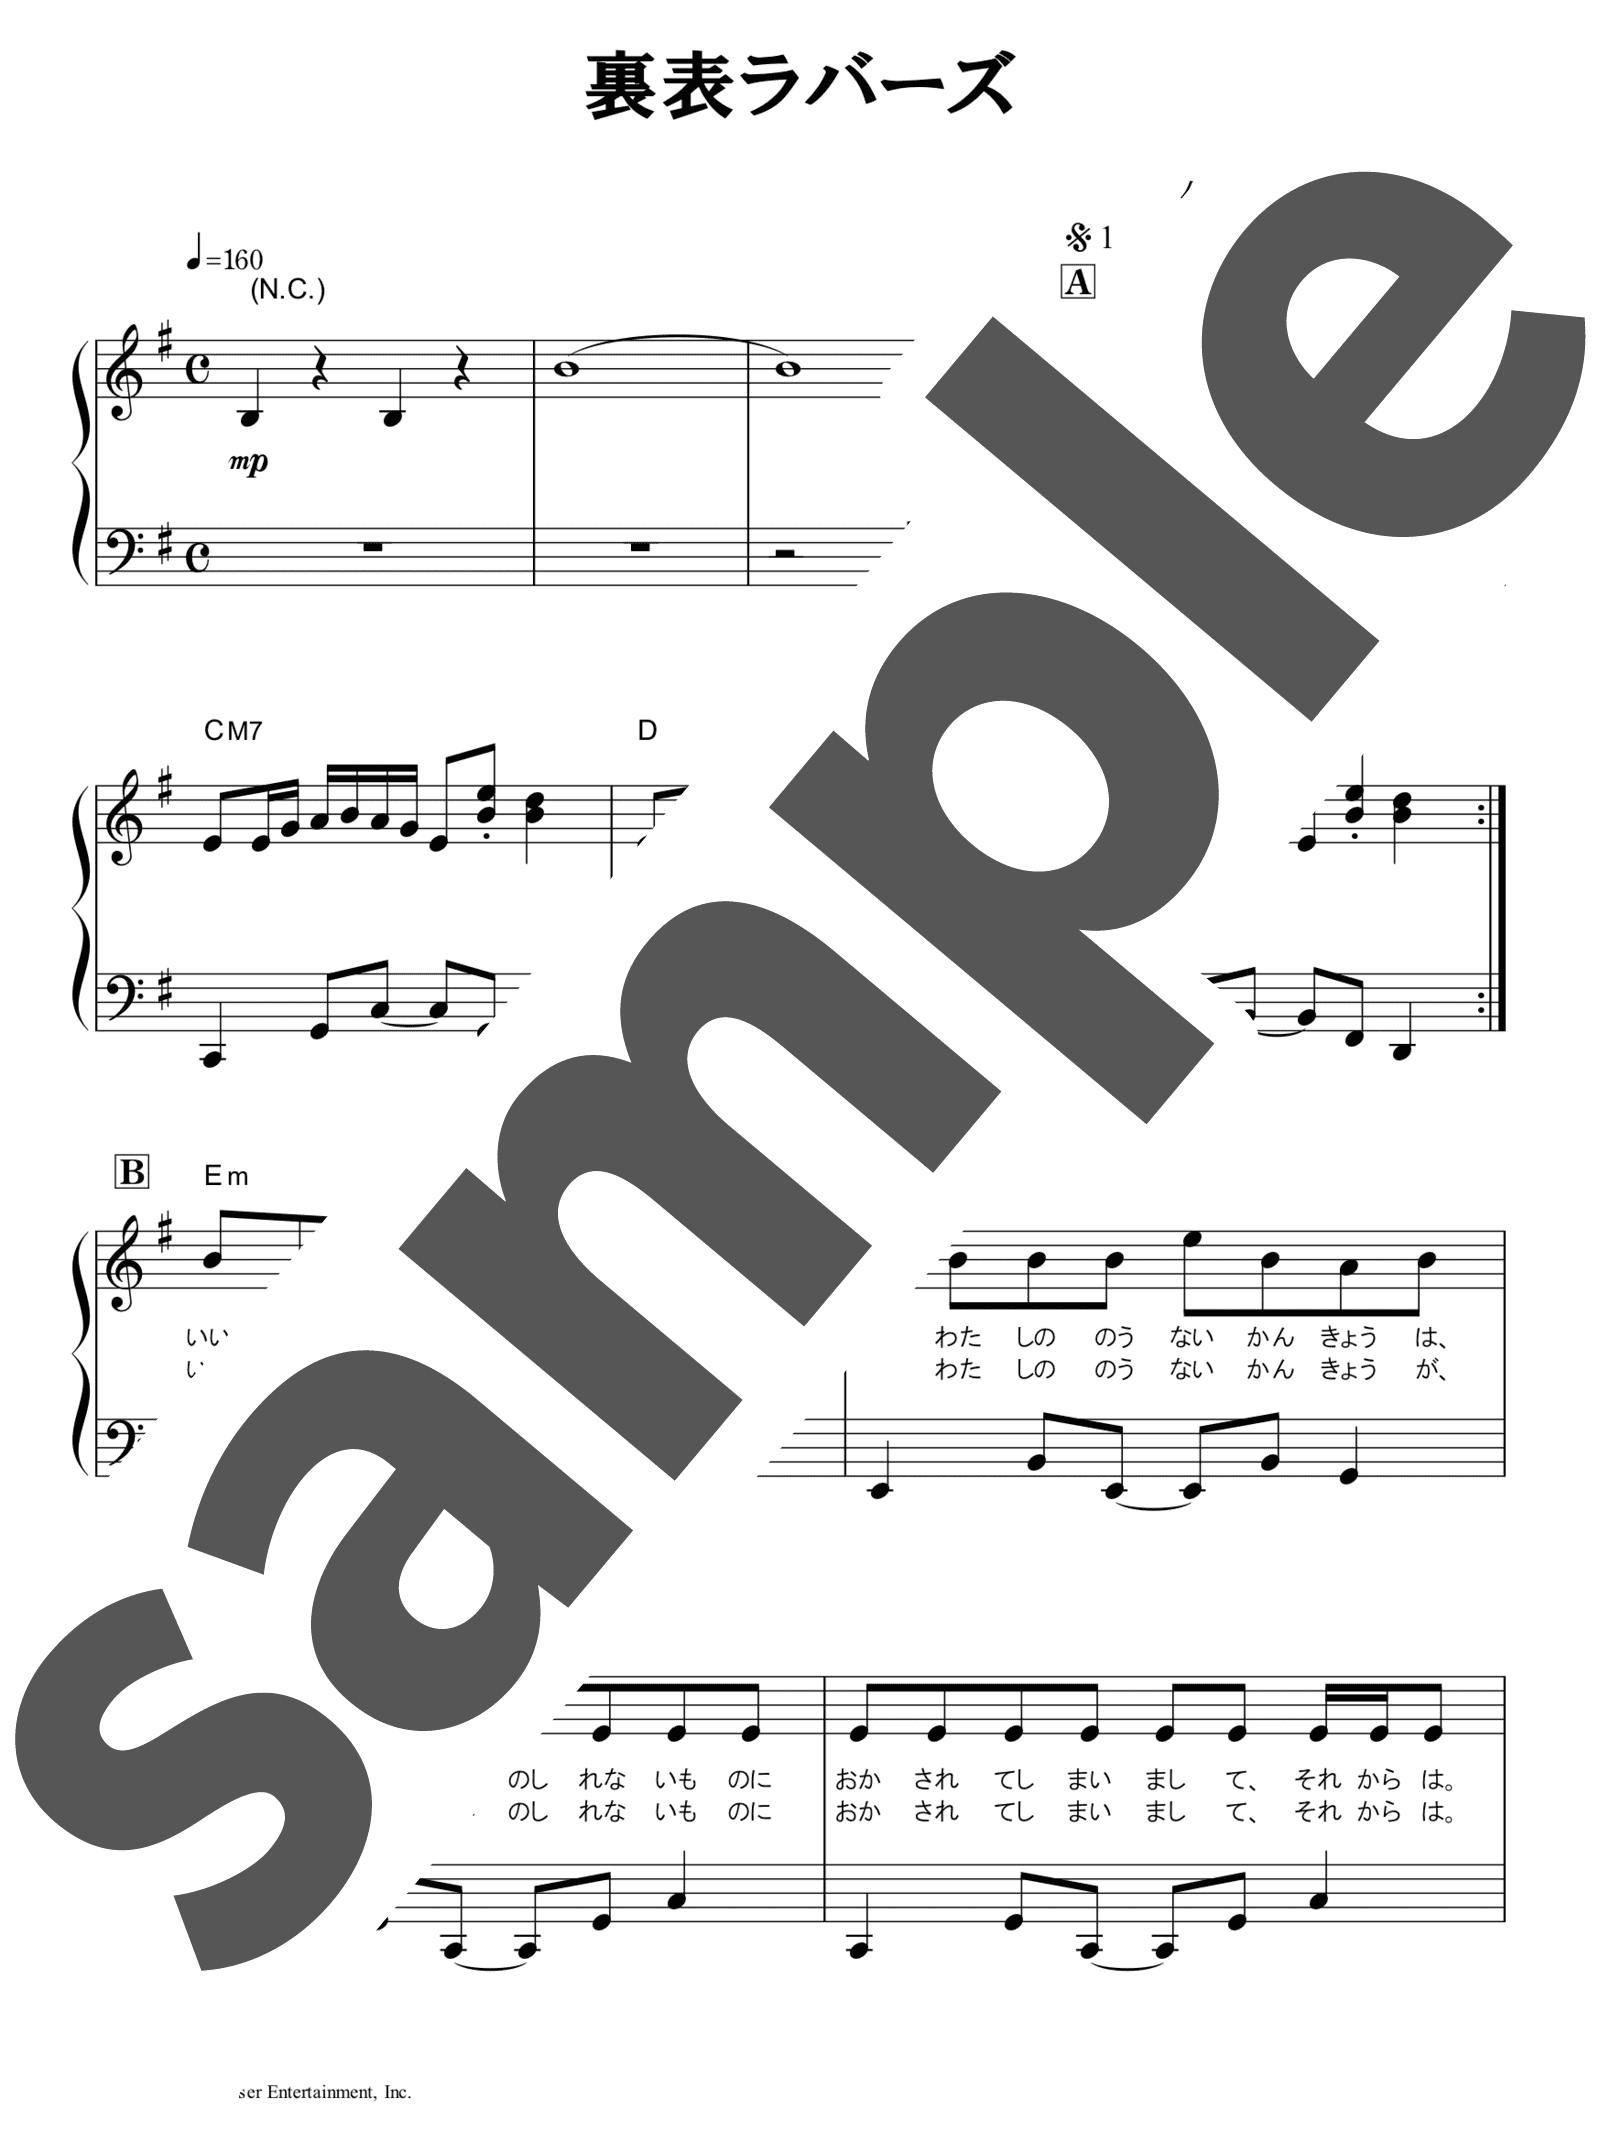 「裏表ラバーズ」のサンプル楽譜